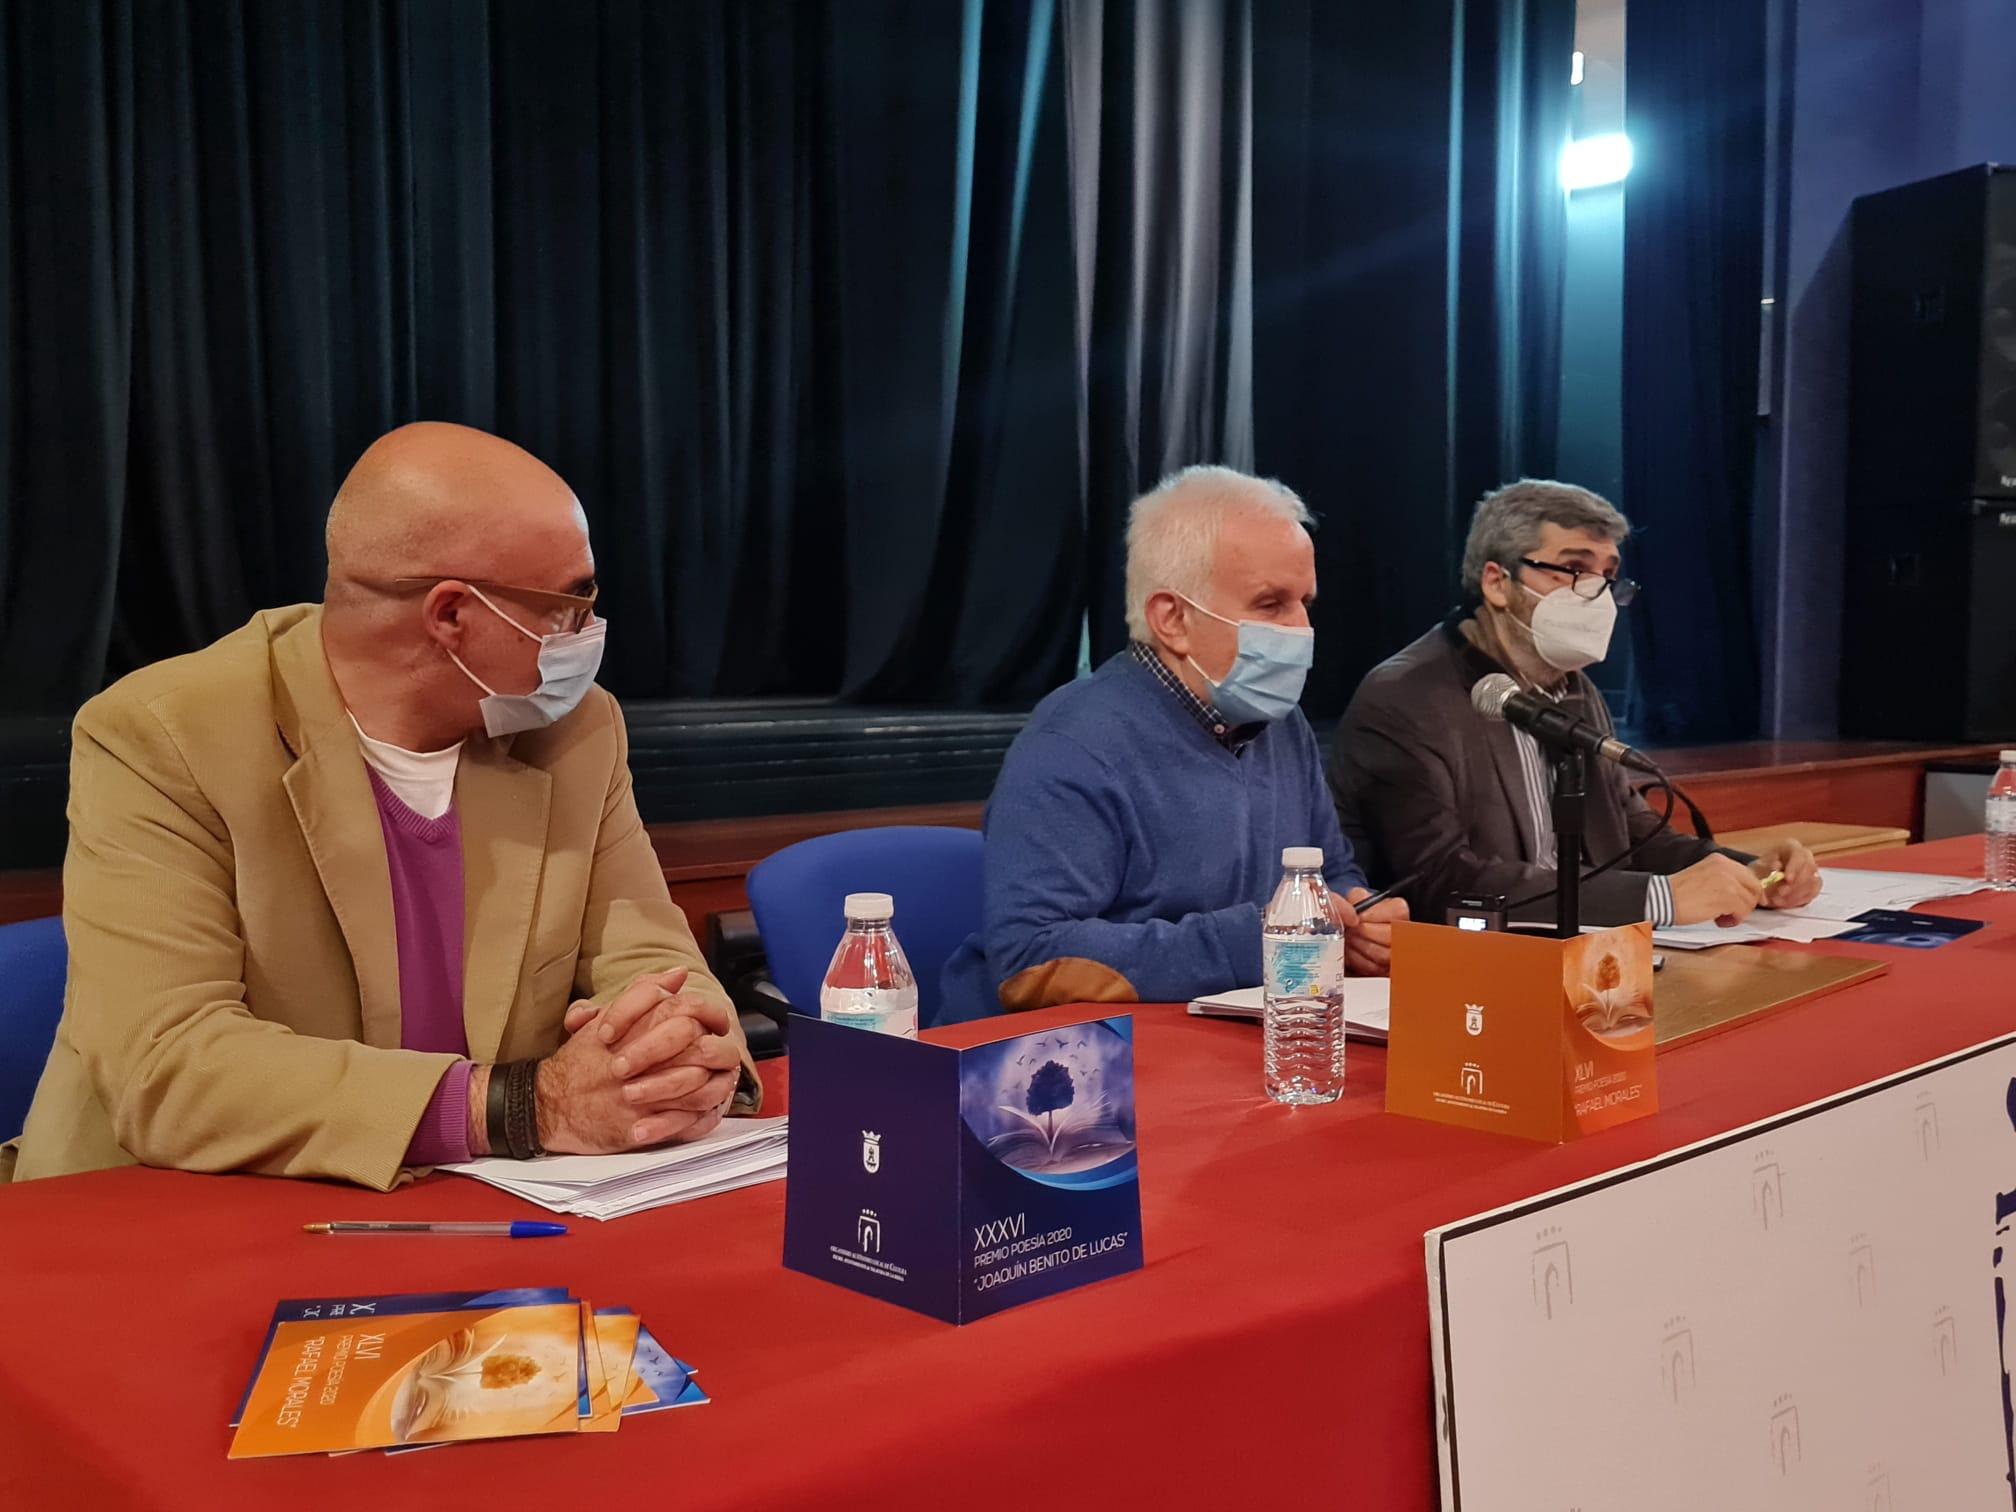 Carlos Gil destaca el record de participación y la alta calidad de los poemarios presentados en los Premios 'Rafael Morales' y 'Joaquín Benito de Lucas' de 2020